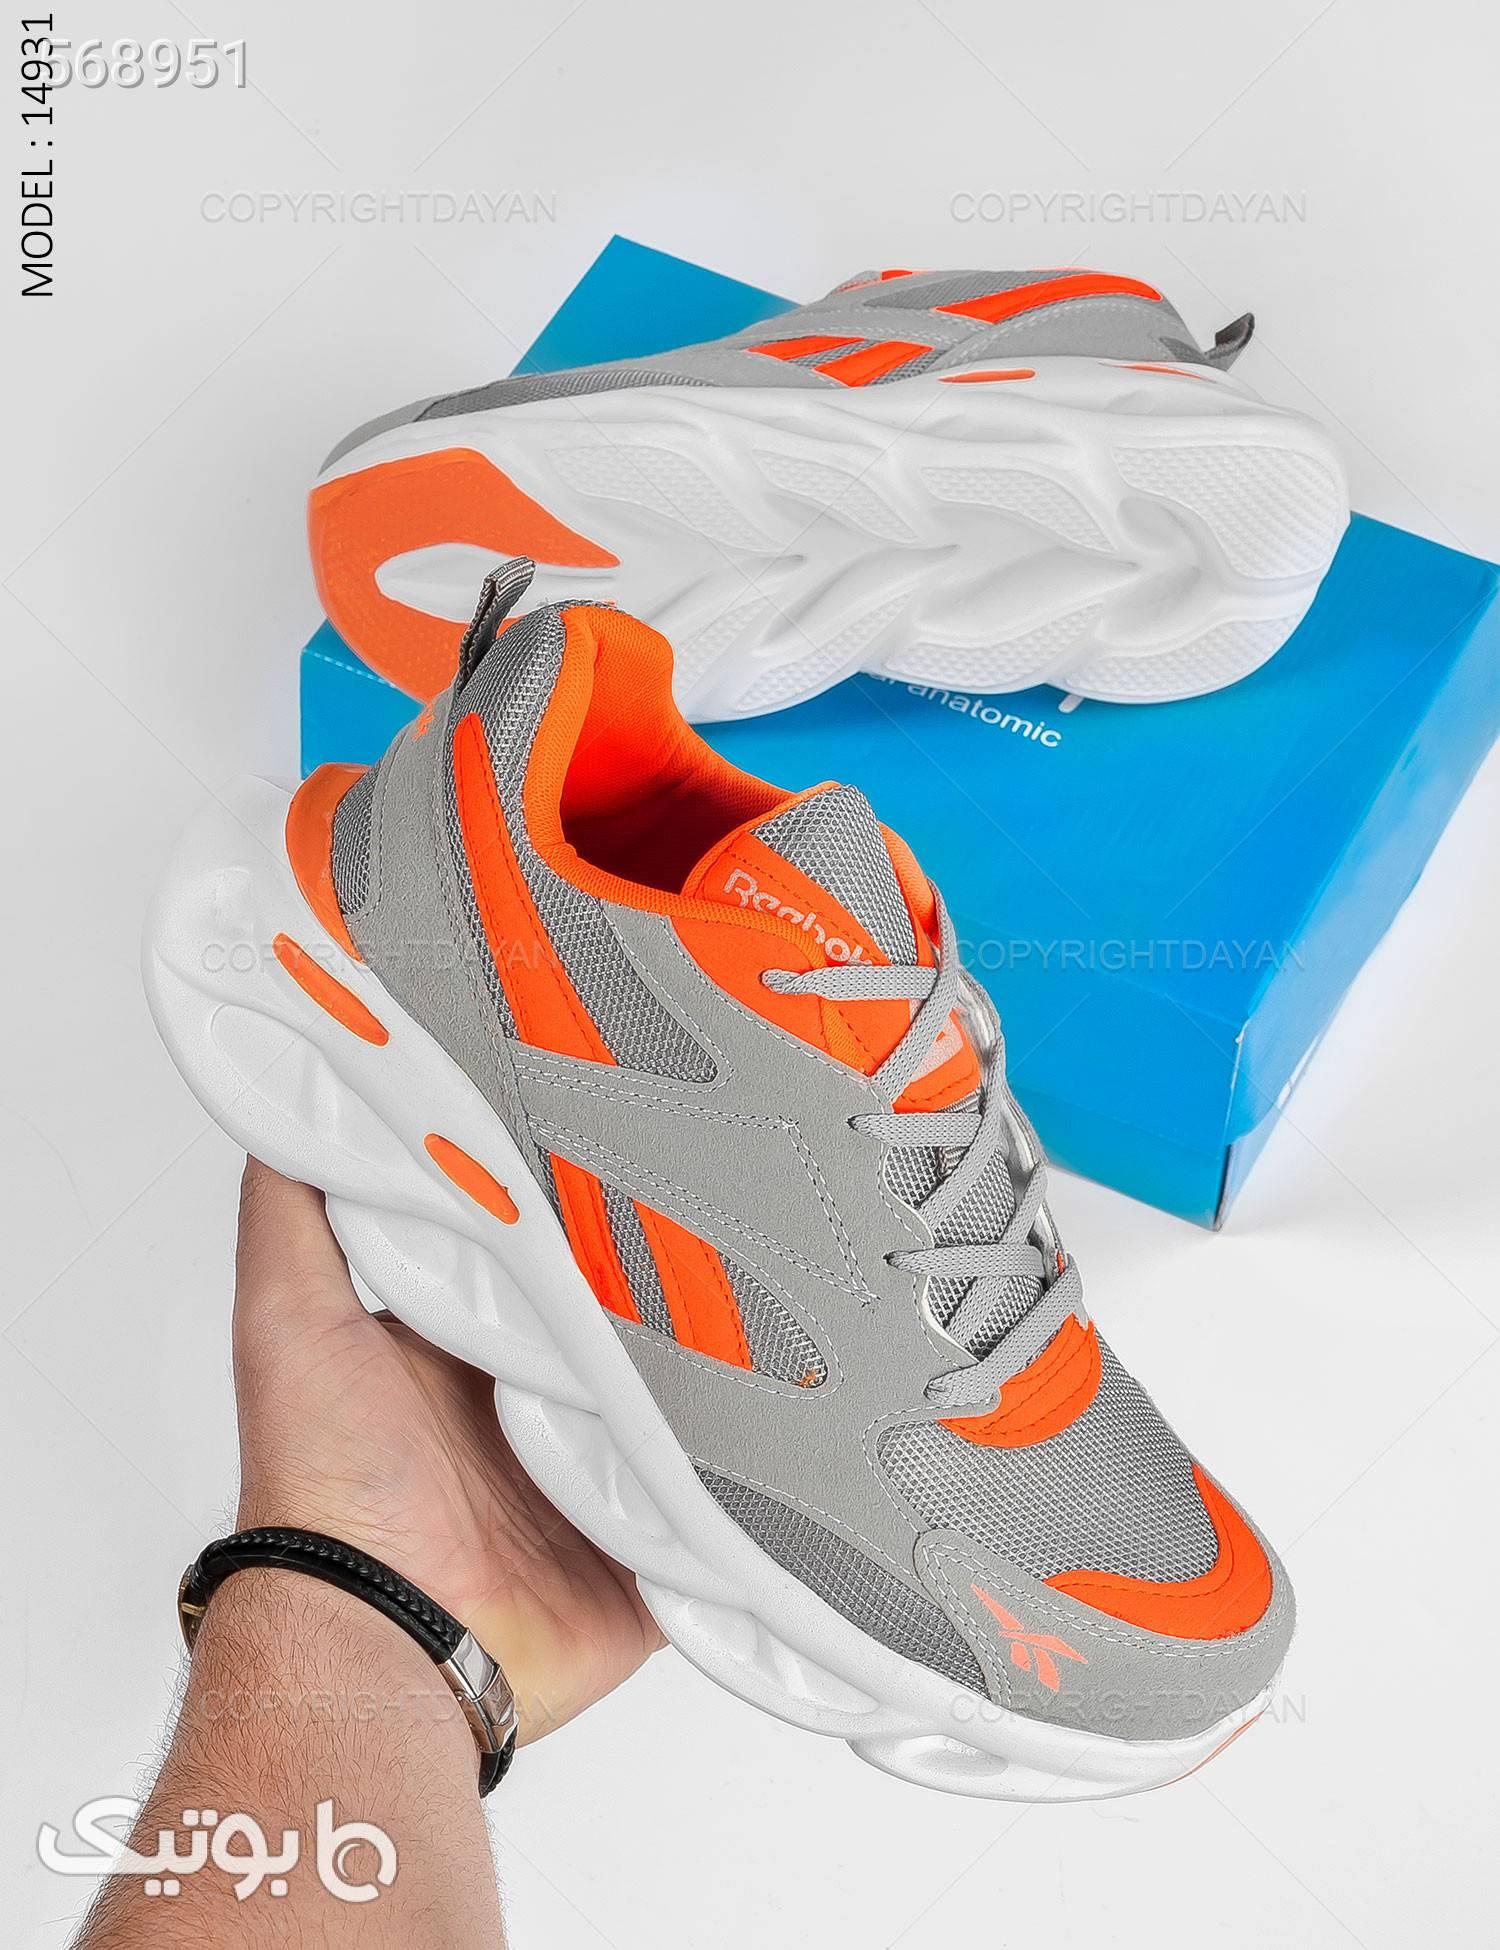 کفش مردانه Reebok مدل 14931 طوسی كفش مردانه